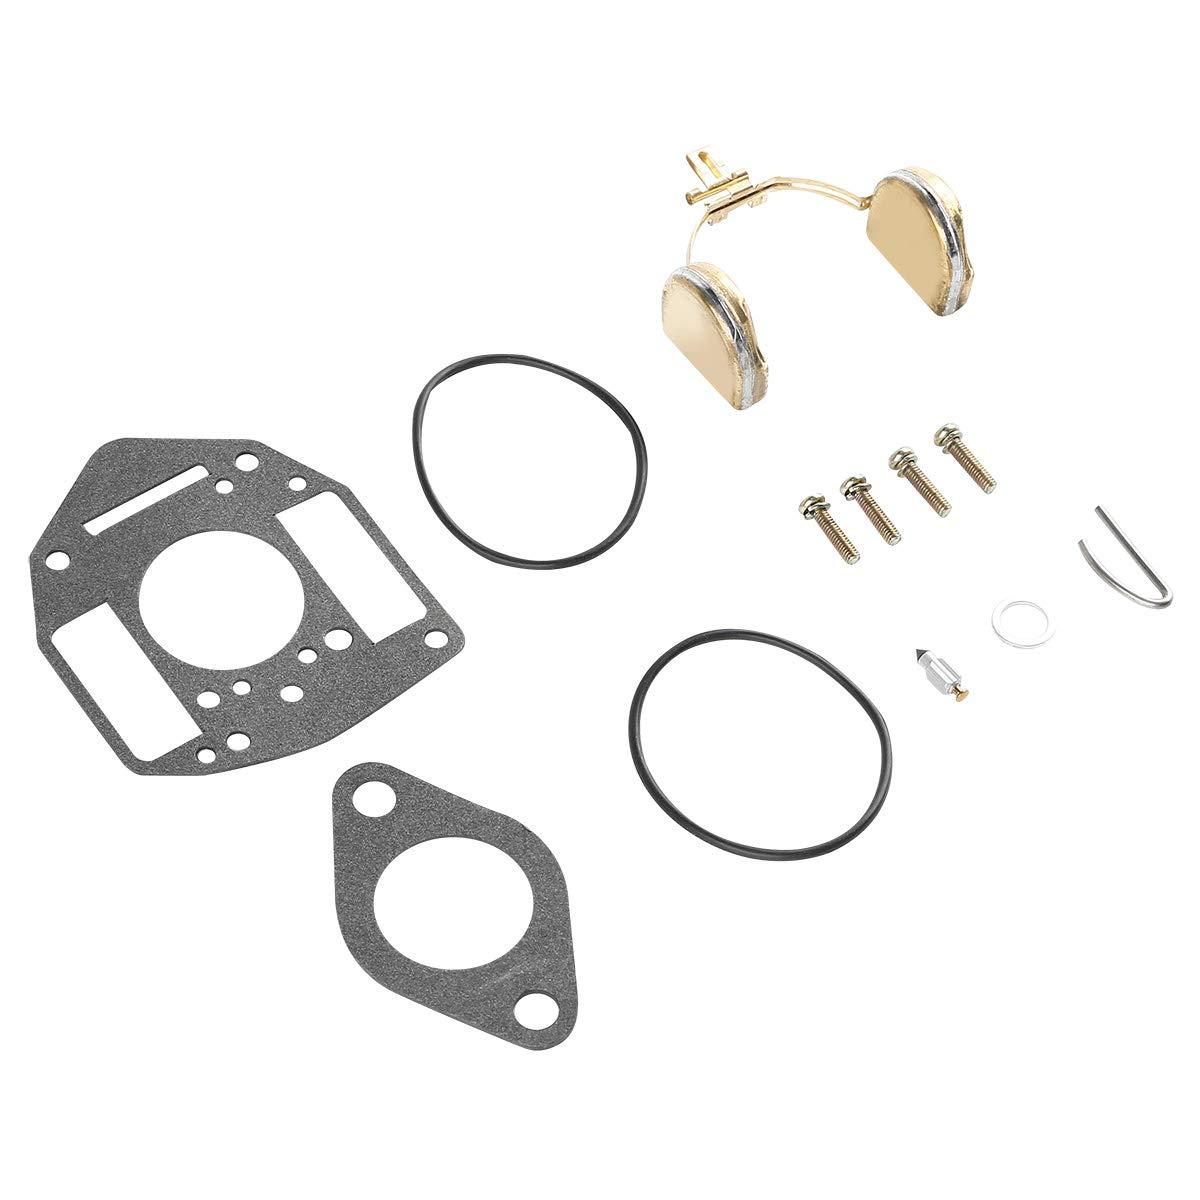 Tengchang Carburetor Repair Rebuild Kit GENUINE ONAN For 146-0657 P216G P218G P220G P224G